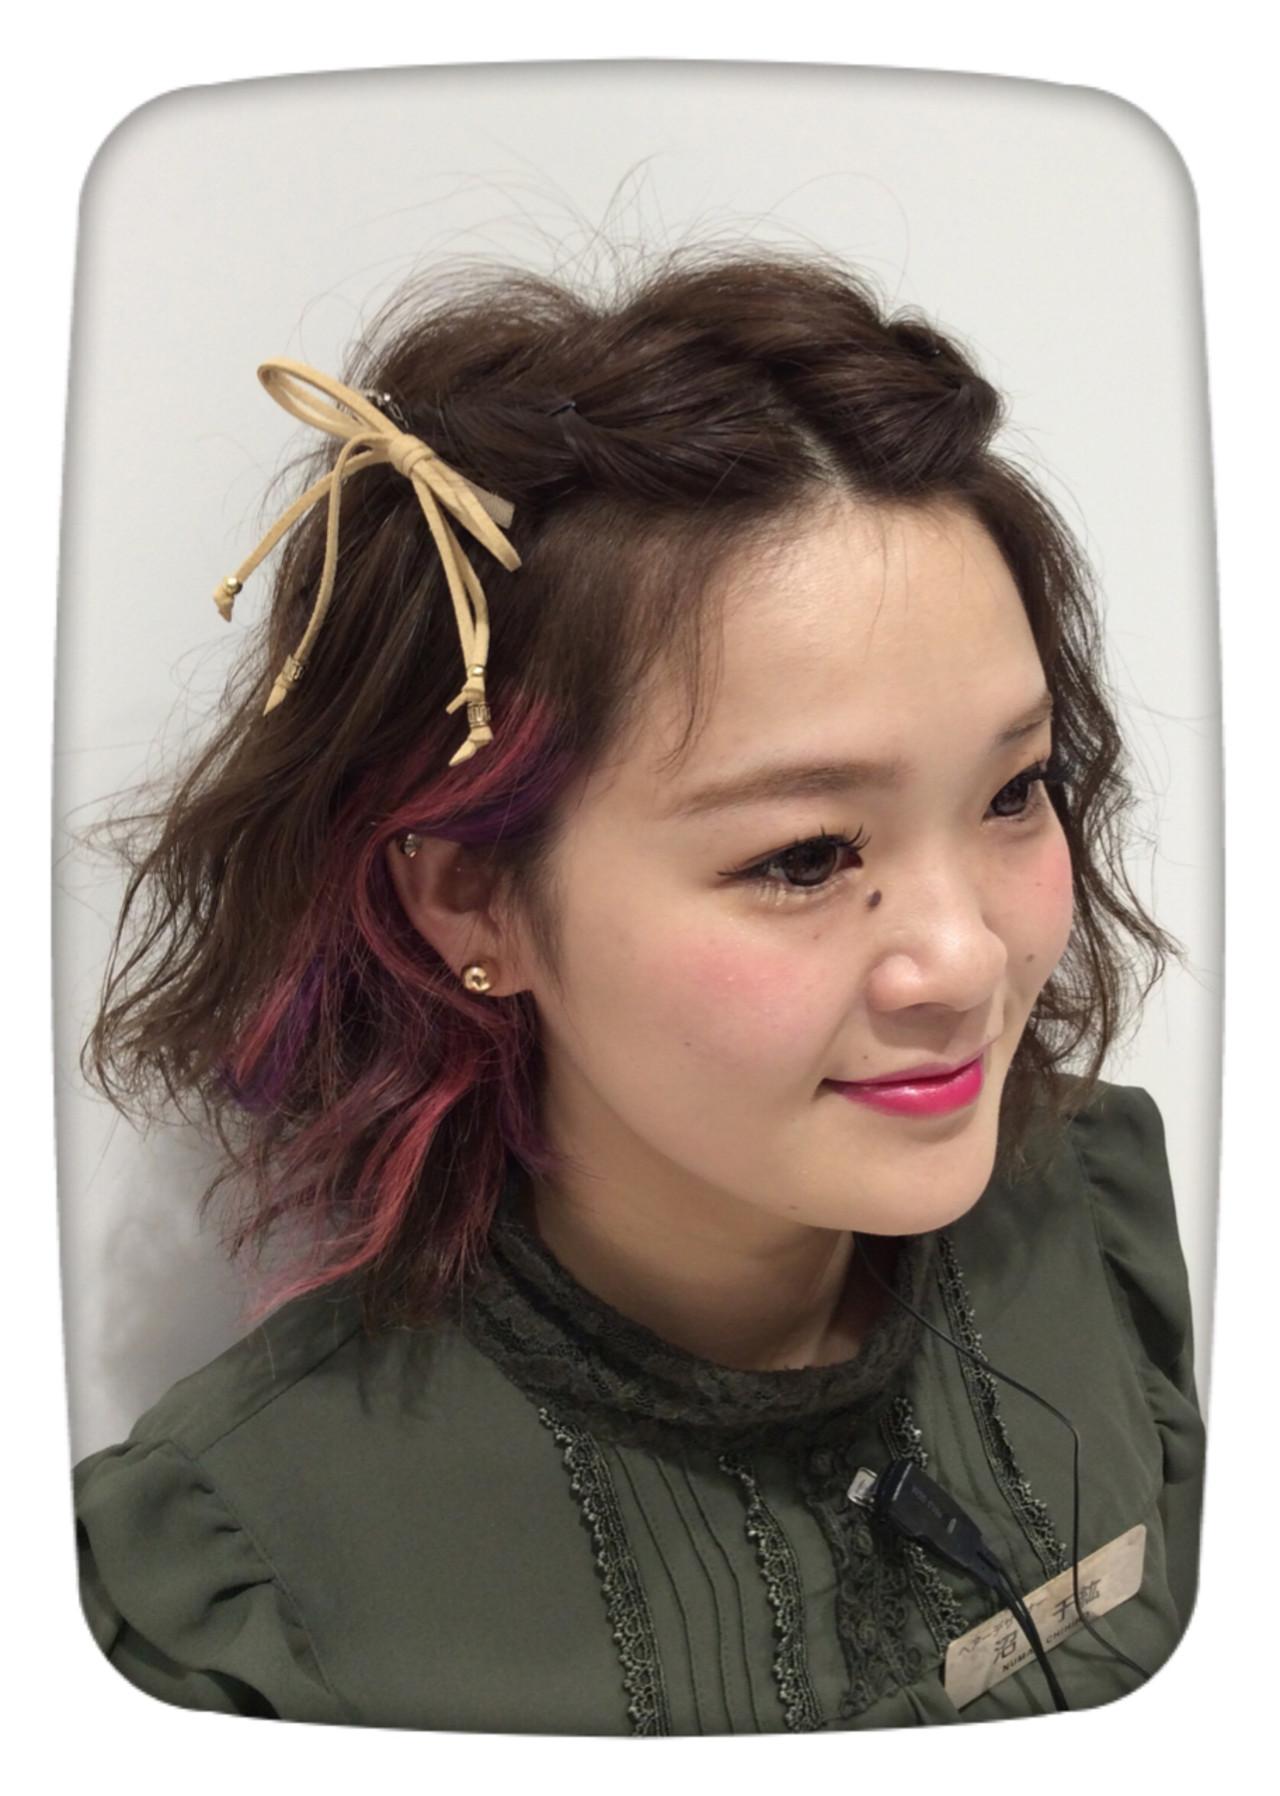 ヘアアレンジ アッシュバイオレット ガーリー パープルヘアスタイルや髪型の写真・画像